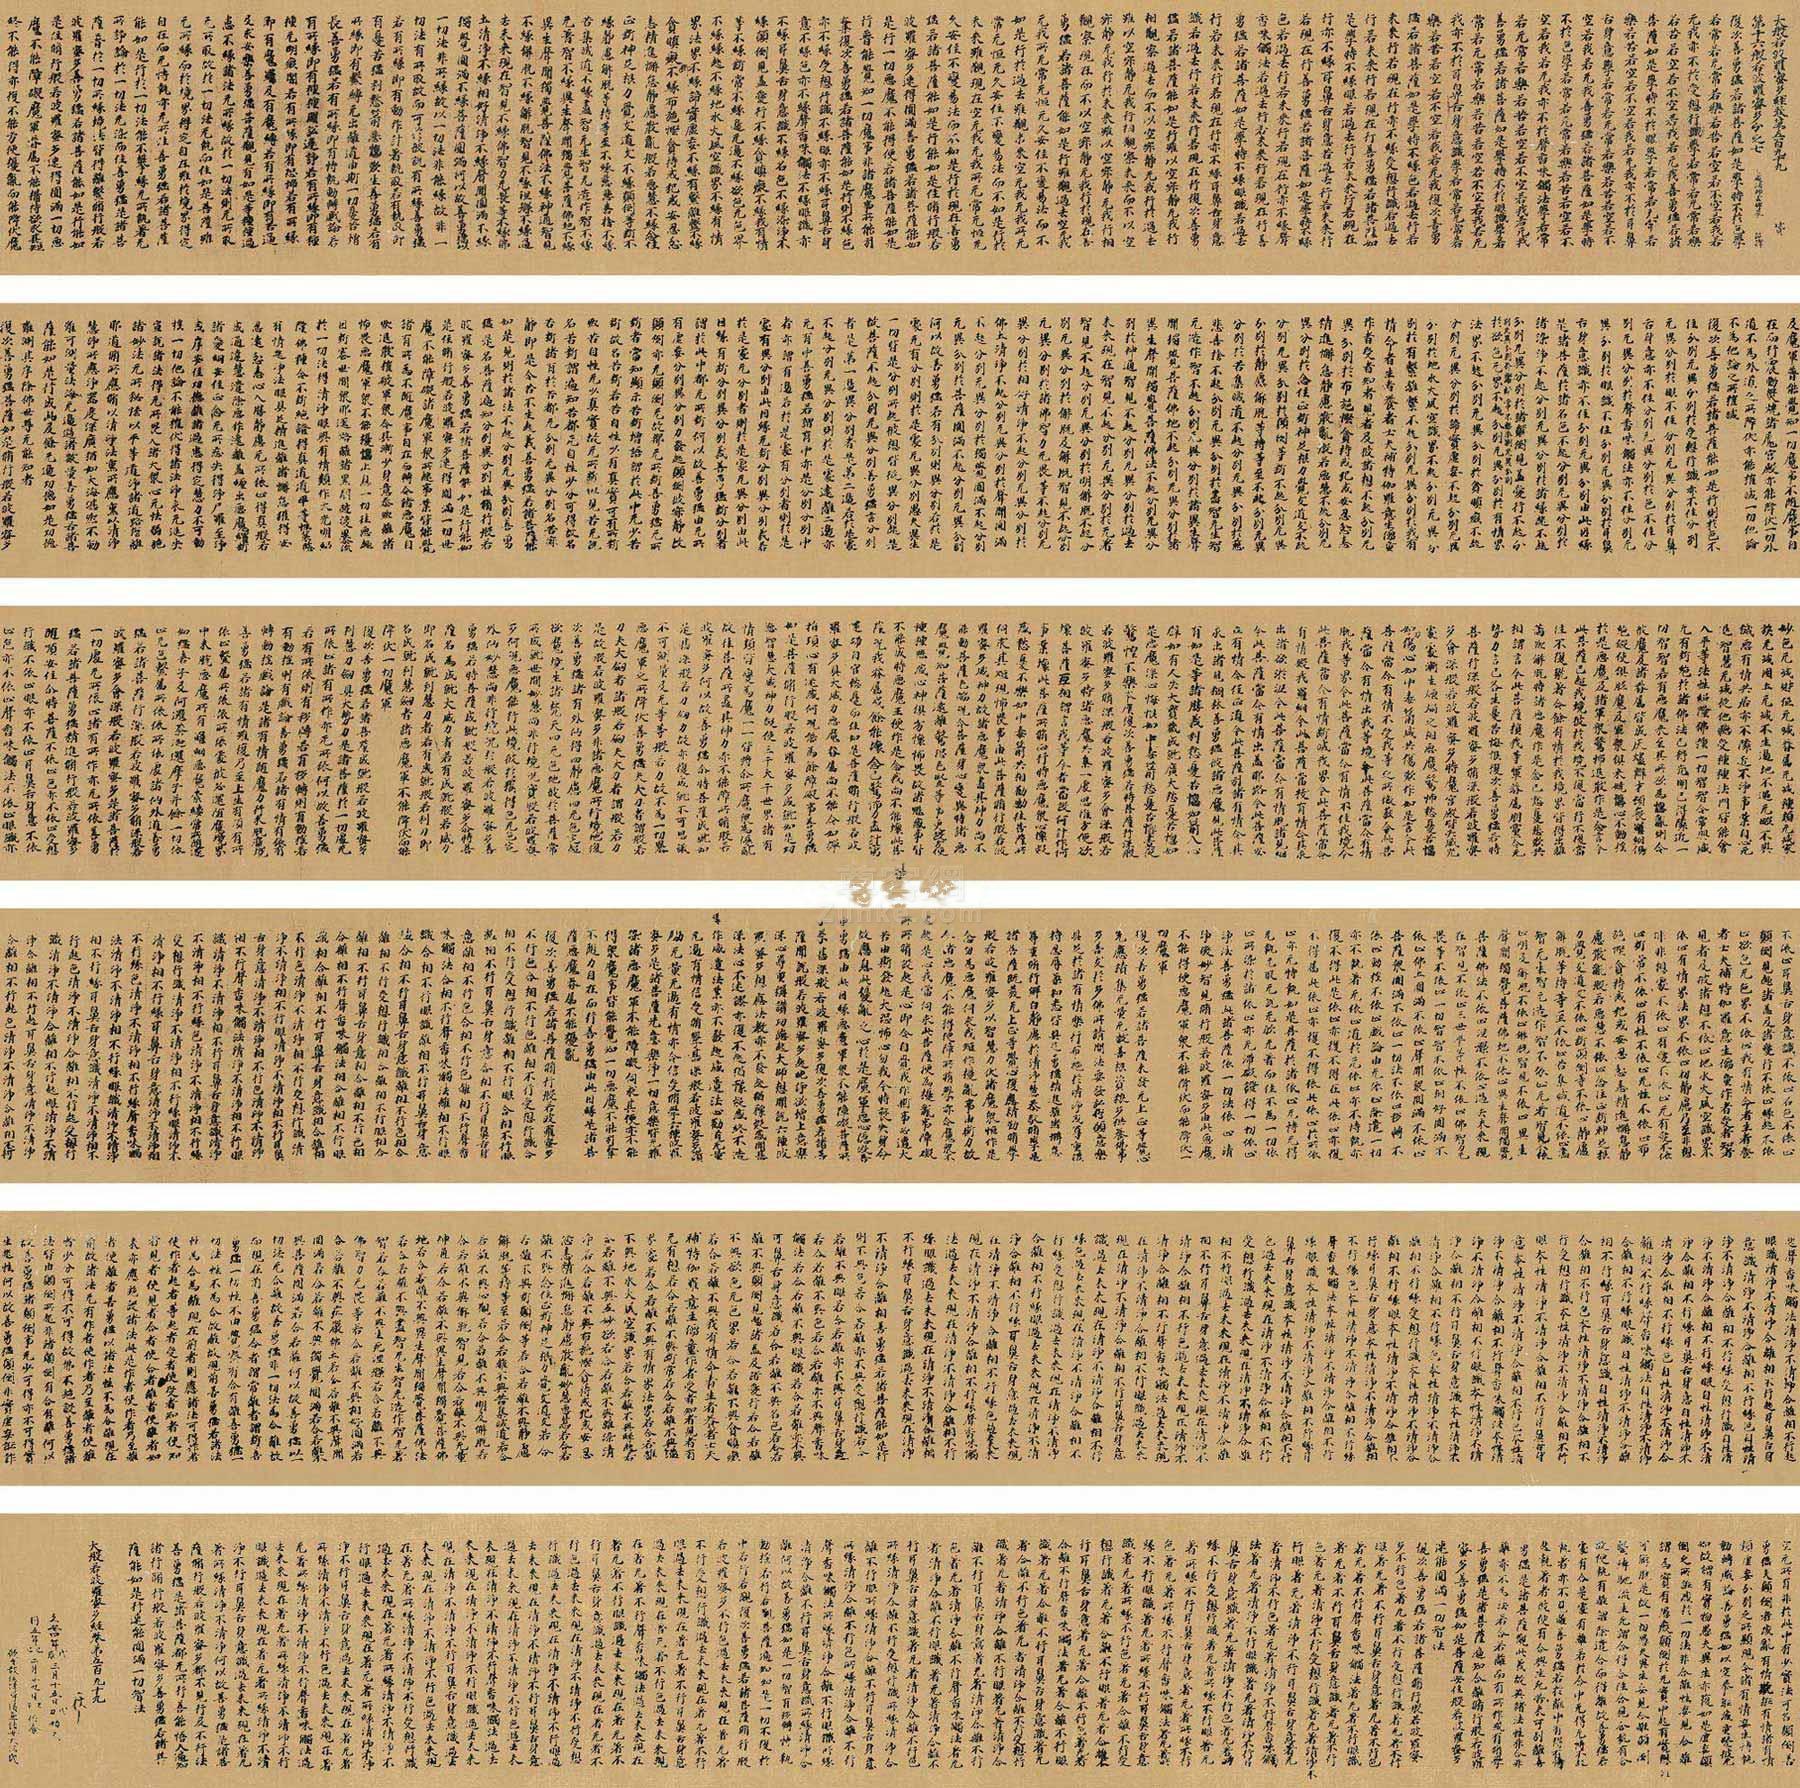 佚名 大般若波罗蜜多经第五百九十九 手卷 纸本作品欣赏